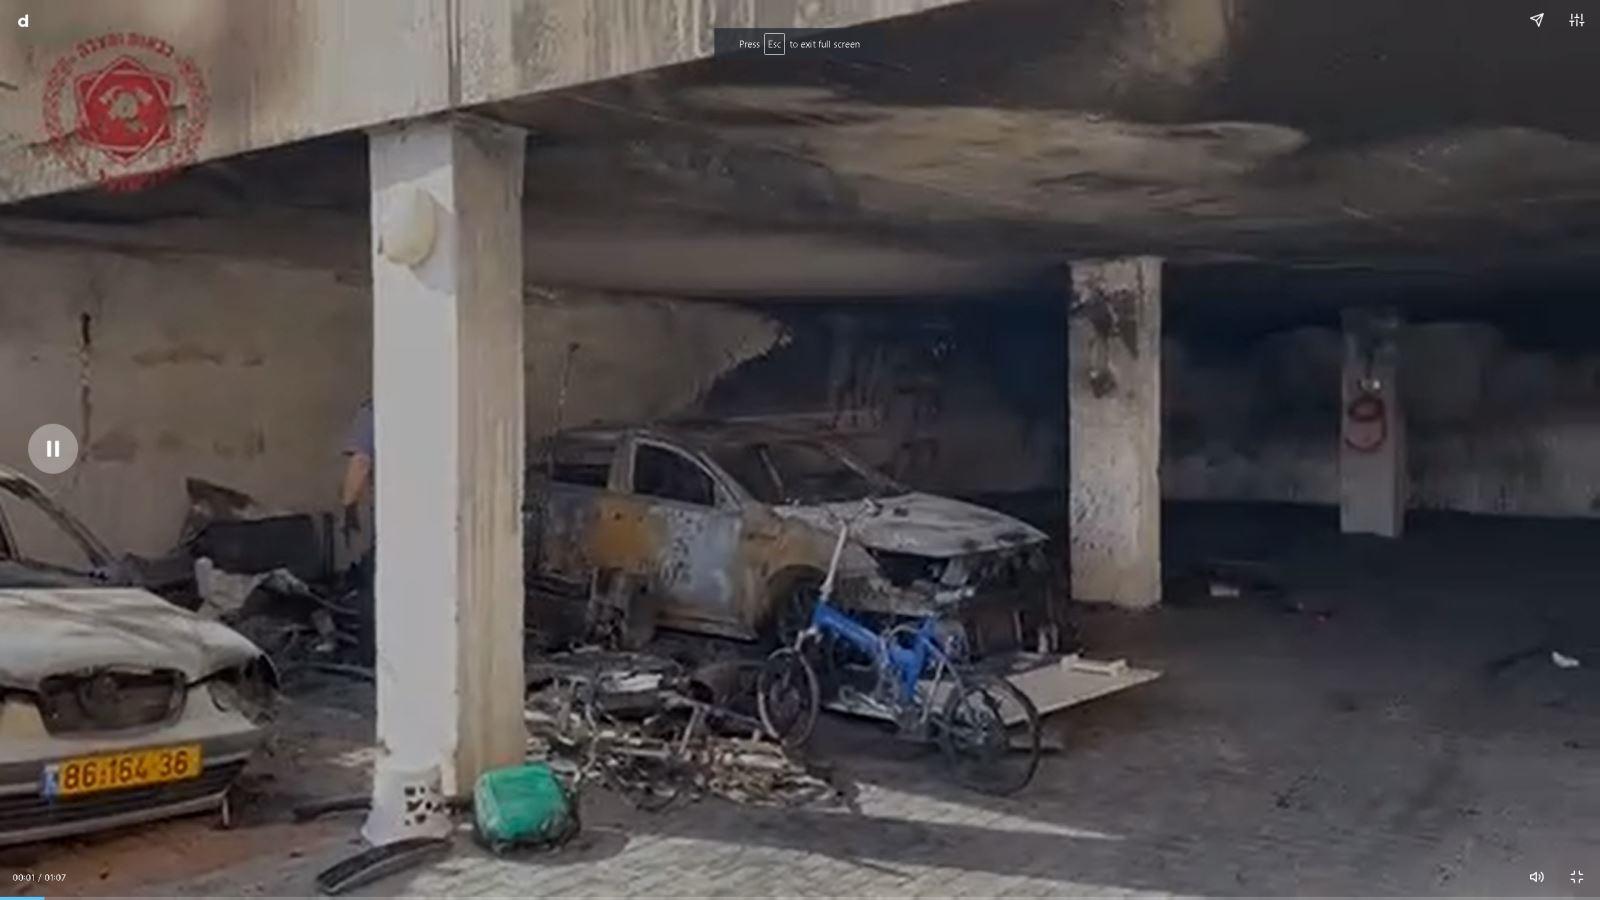 צפו: חוקר השריפות קבע - שלושה רכבים נשרפו באילת בגלל סוללת אופניים